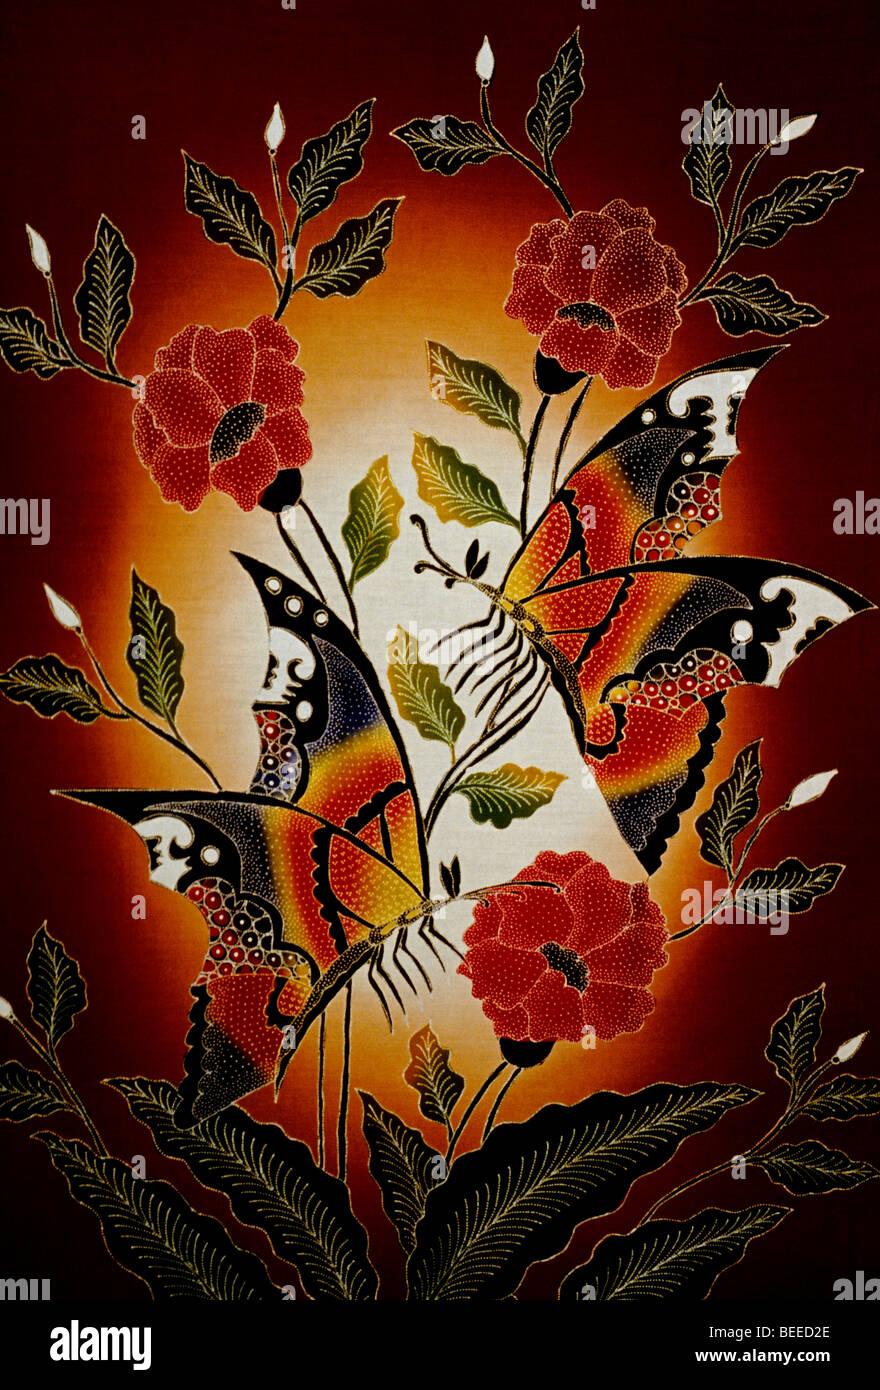 Batique Stock Photos  Batique Stock Images  Alamy